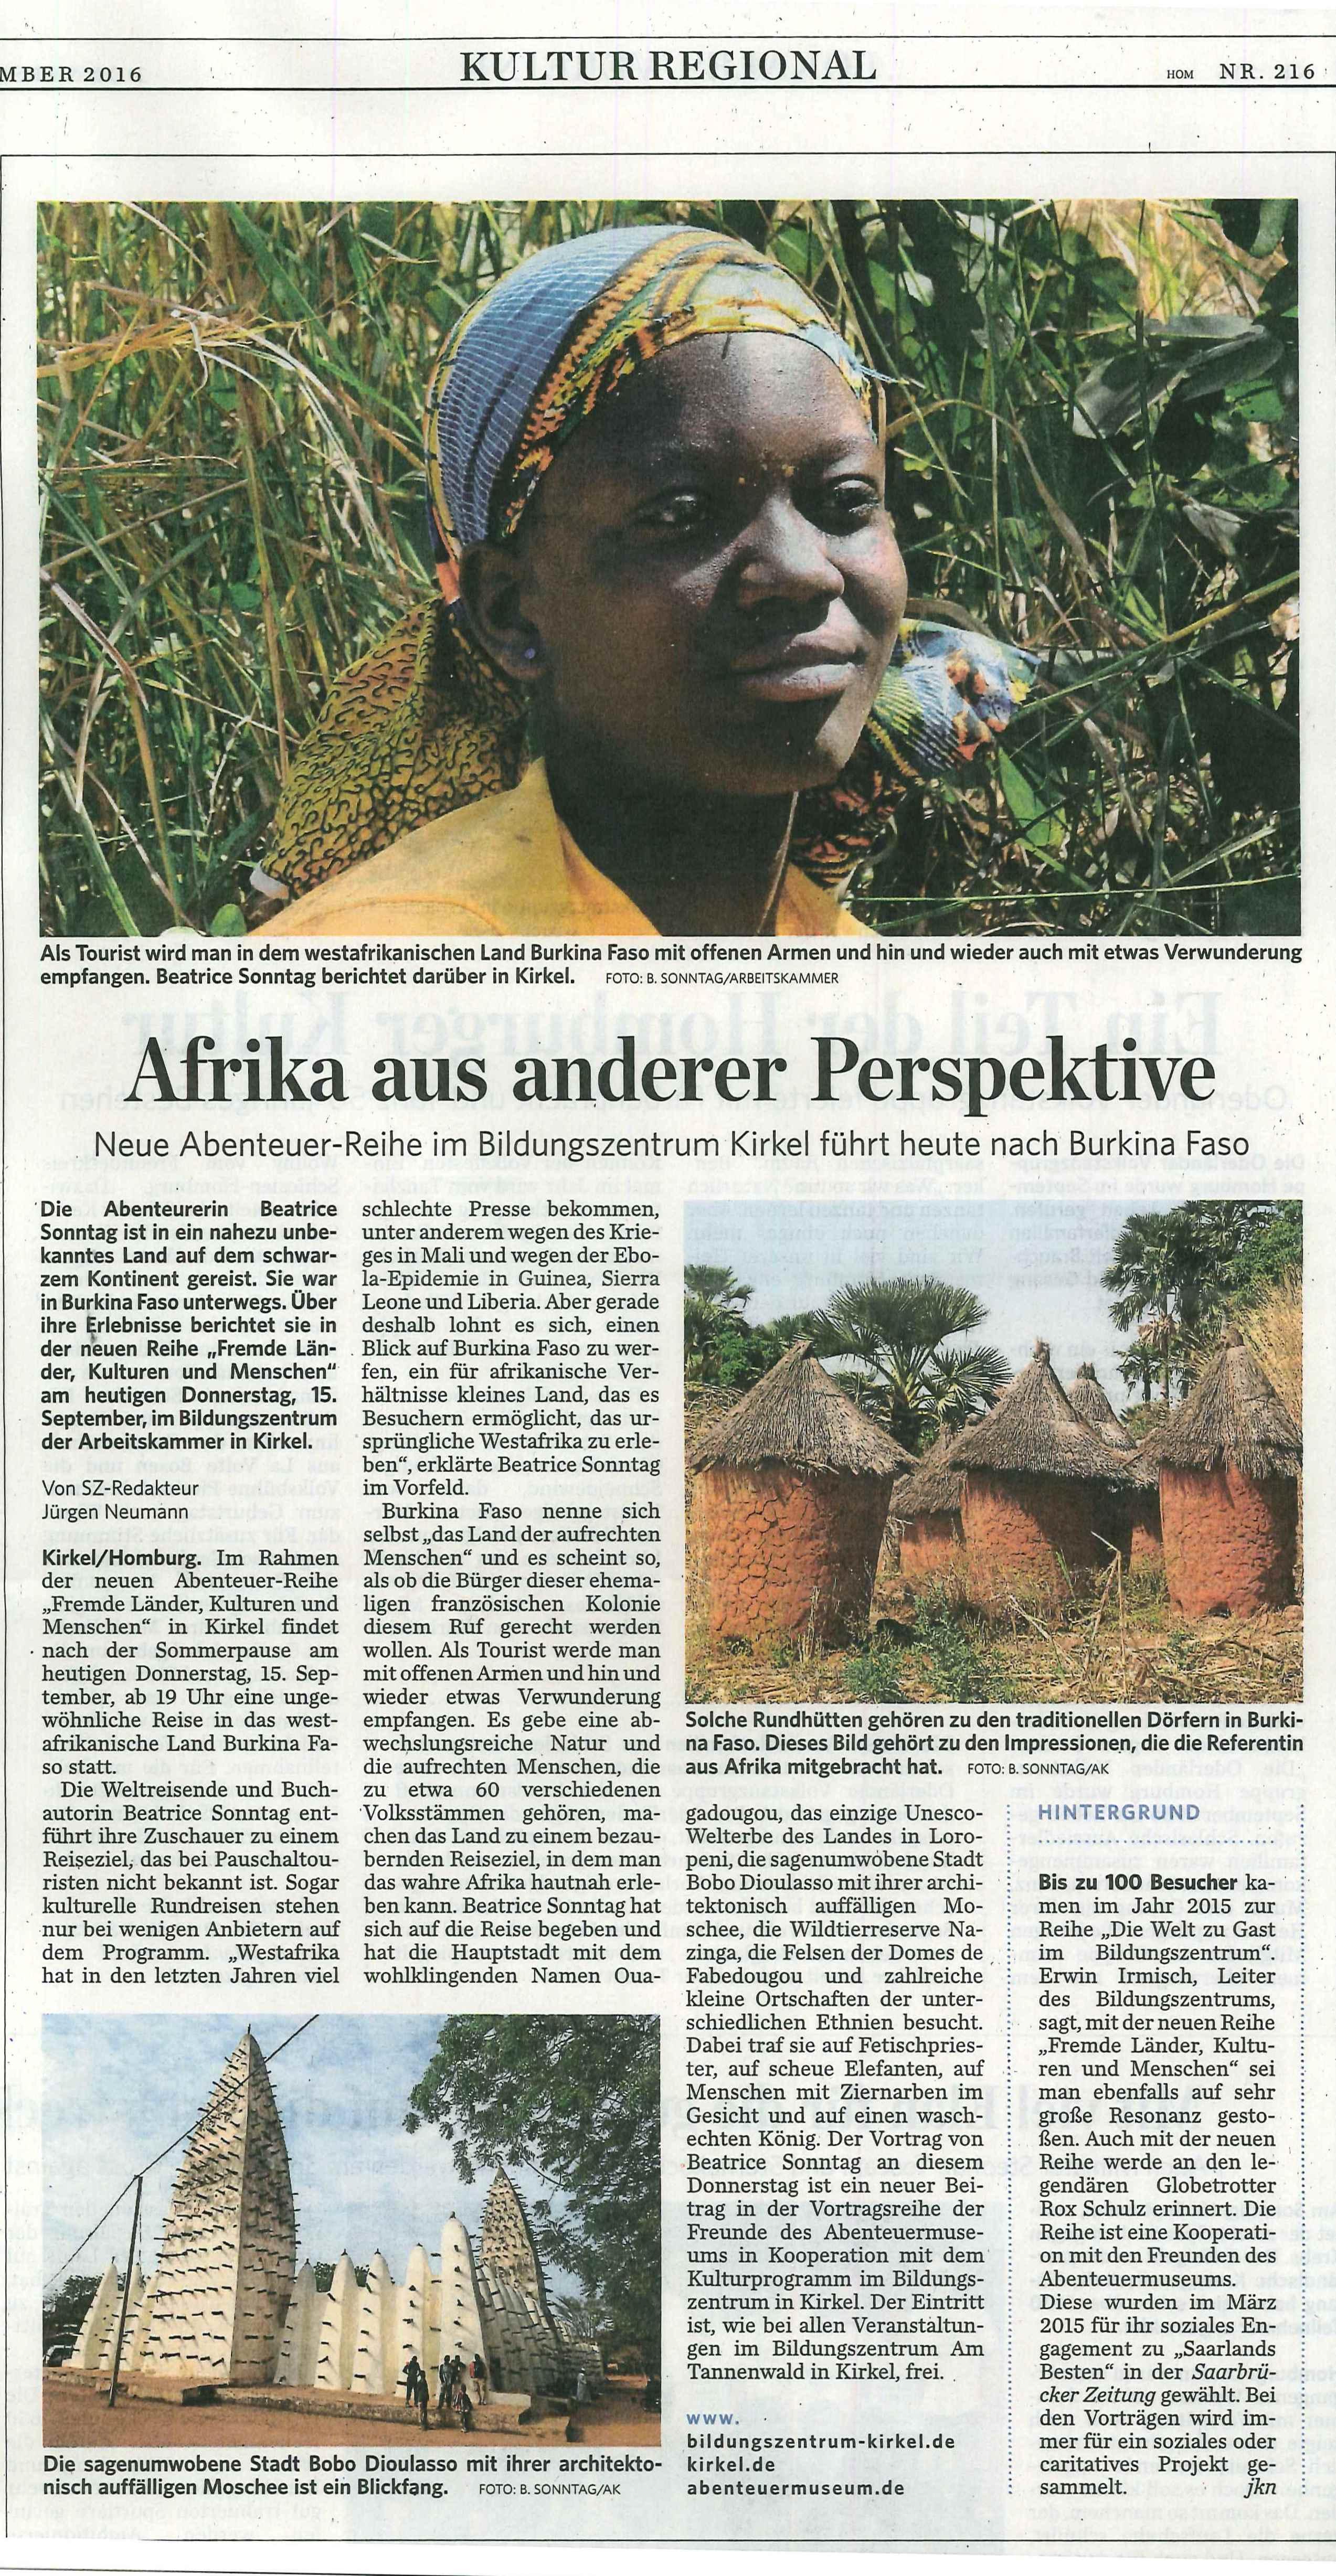 Bildervortrag über Burkina Faso